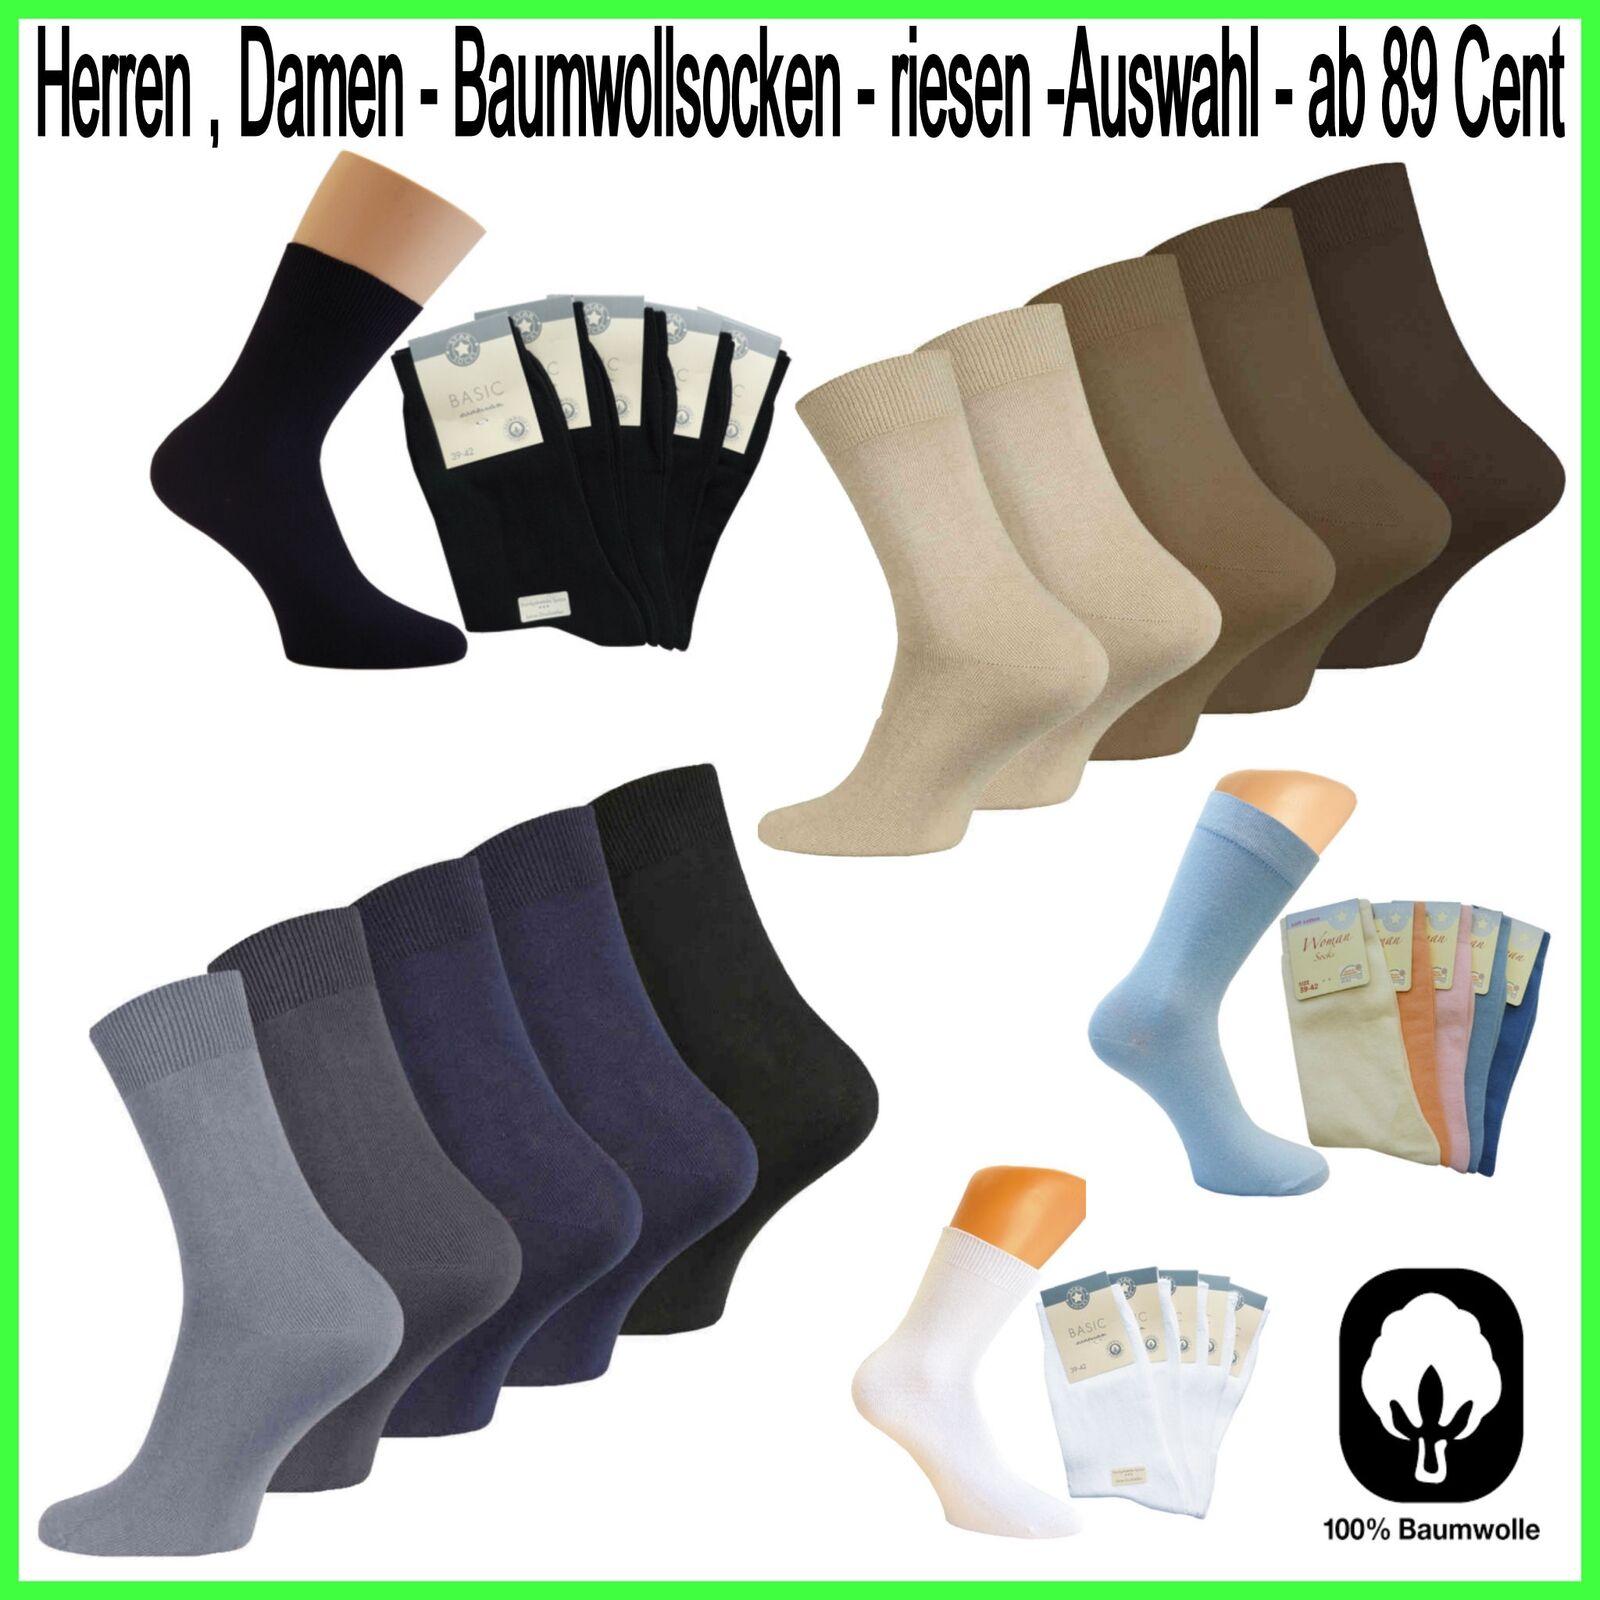 Damen Herren Baumwollsocken Arbeits,Arzt,Socken Baumwolle Arbeitssocken *